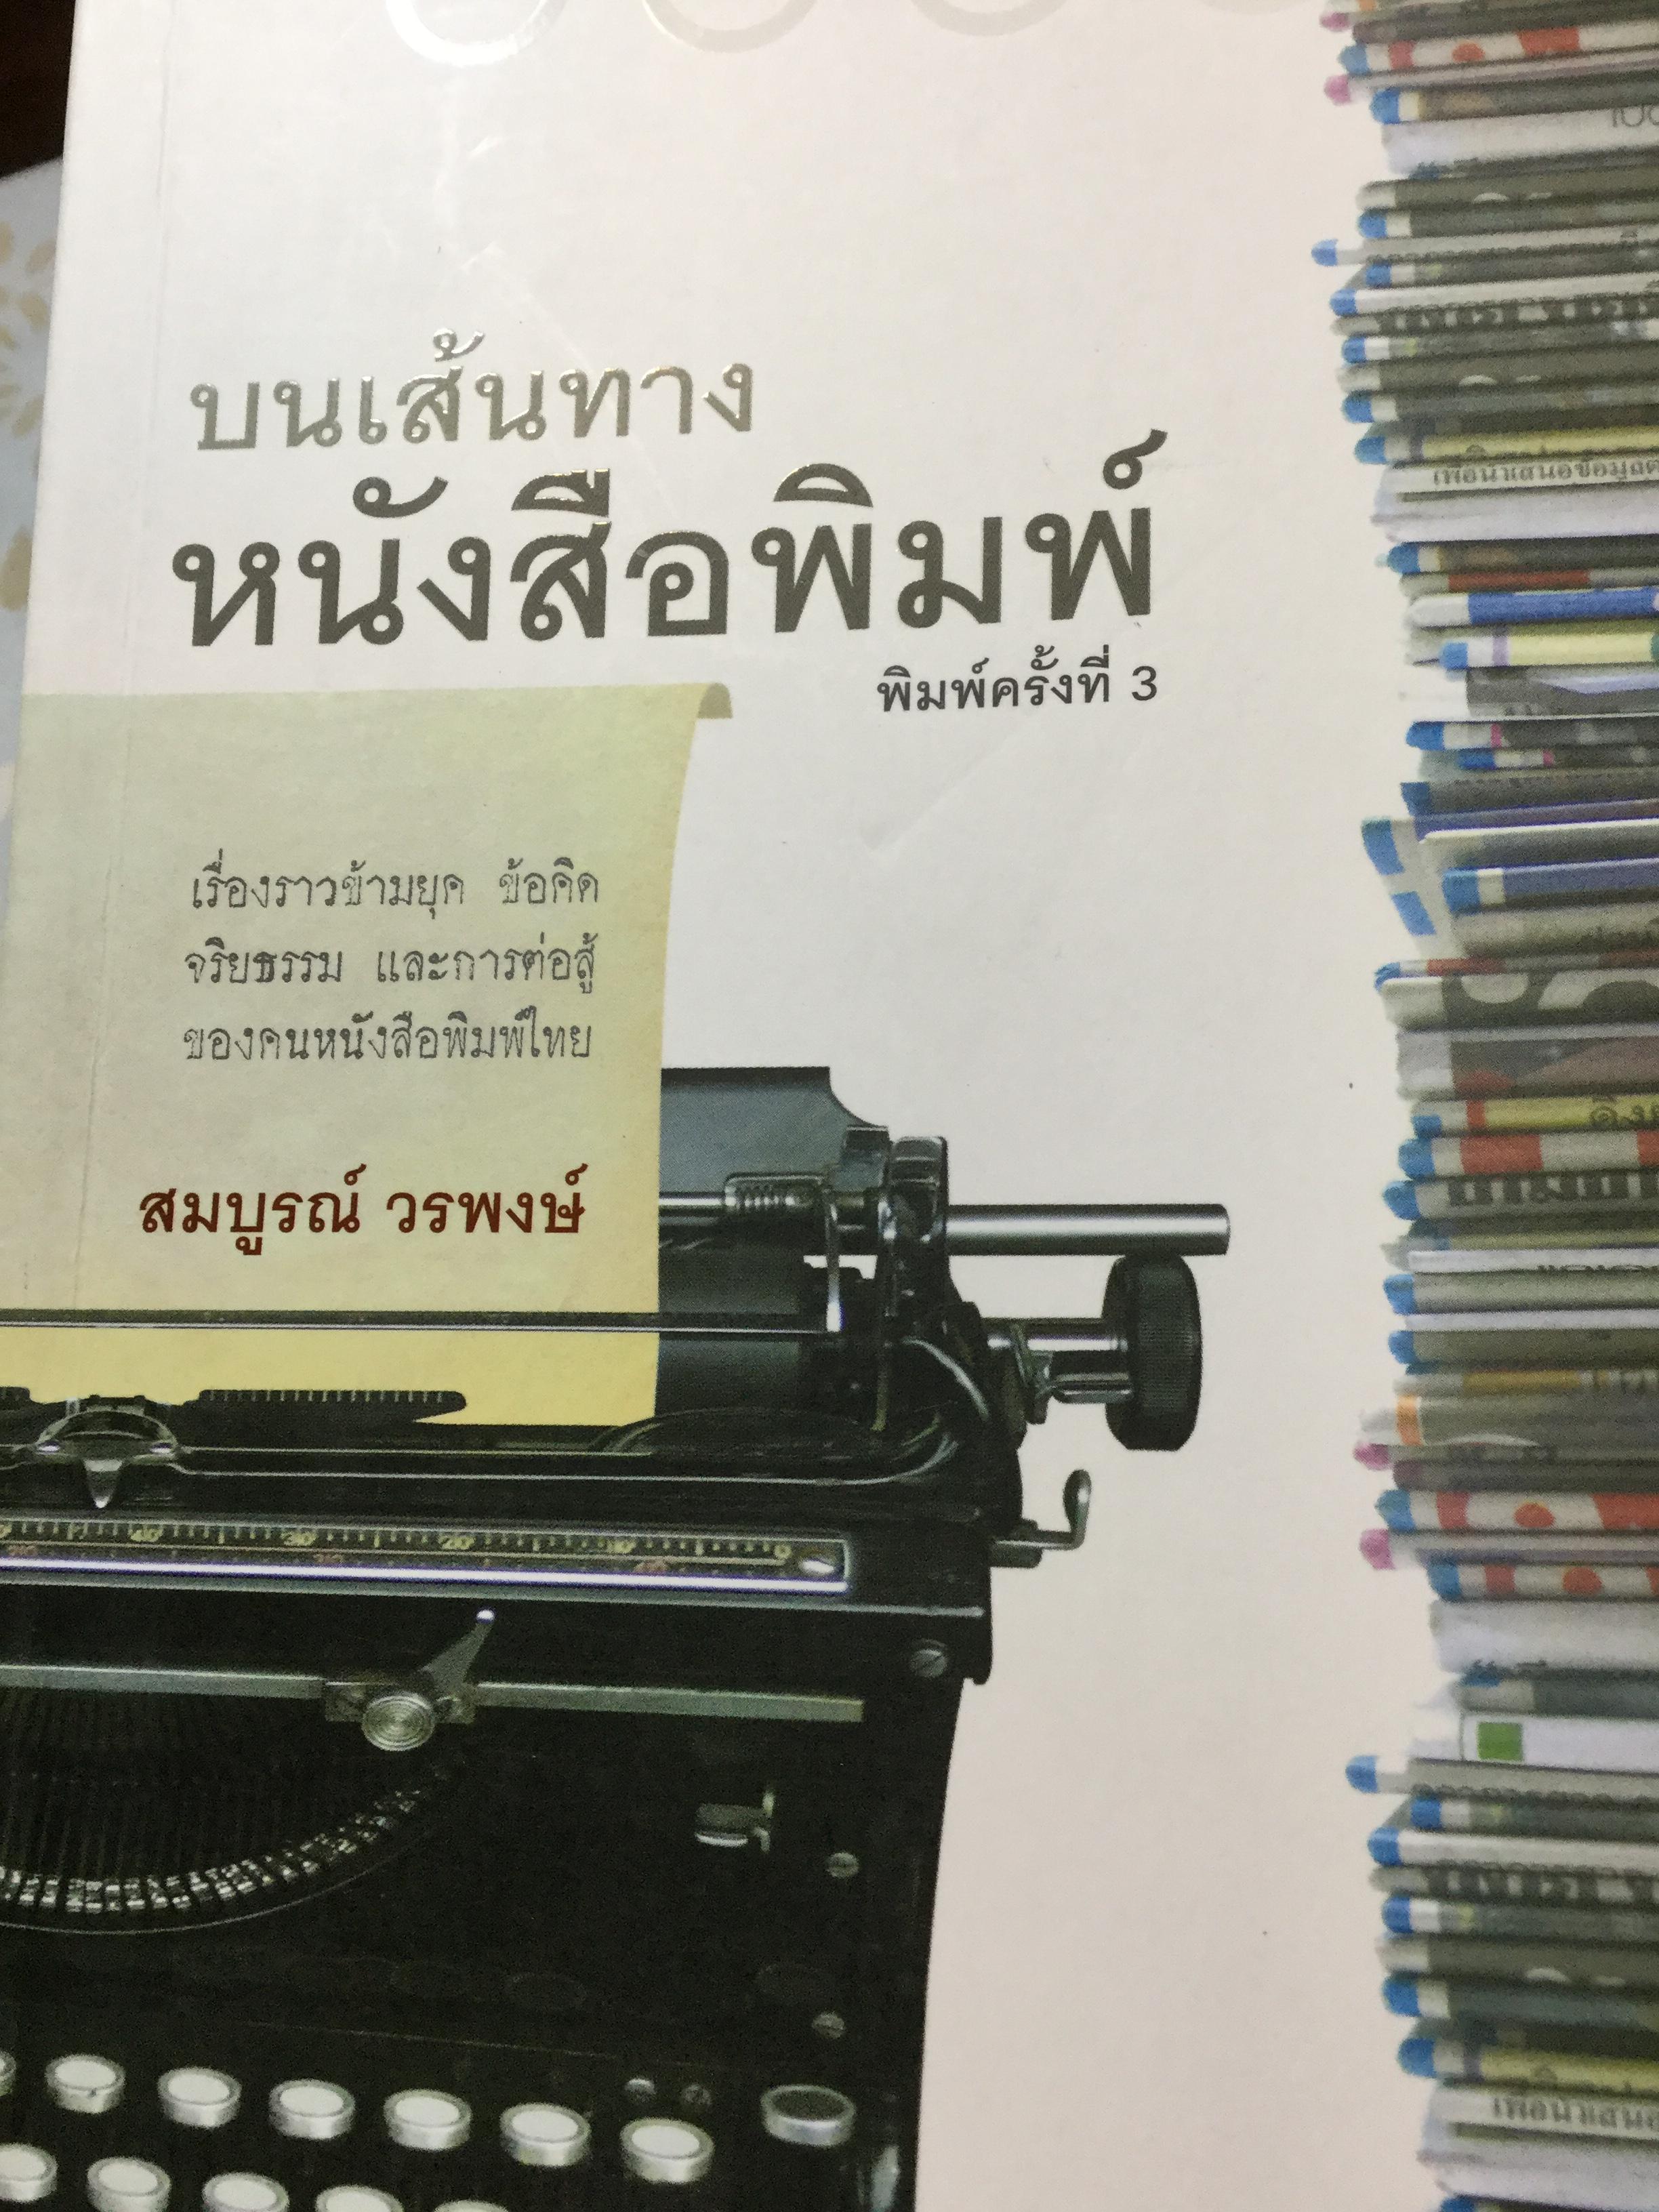 บนเส้นทาง หนังสือพิมพ์. เรื่องราวข้ามยุค ข้อคิด จริยธรรม และการต่อสู้ของคนหนังสือพิมพ์ไทย ผู้เขียน สมบูรณ์ วรพงษ์. พิมพ์ครั้งที่ 3